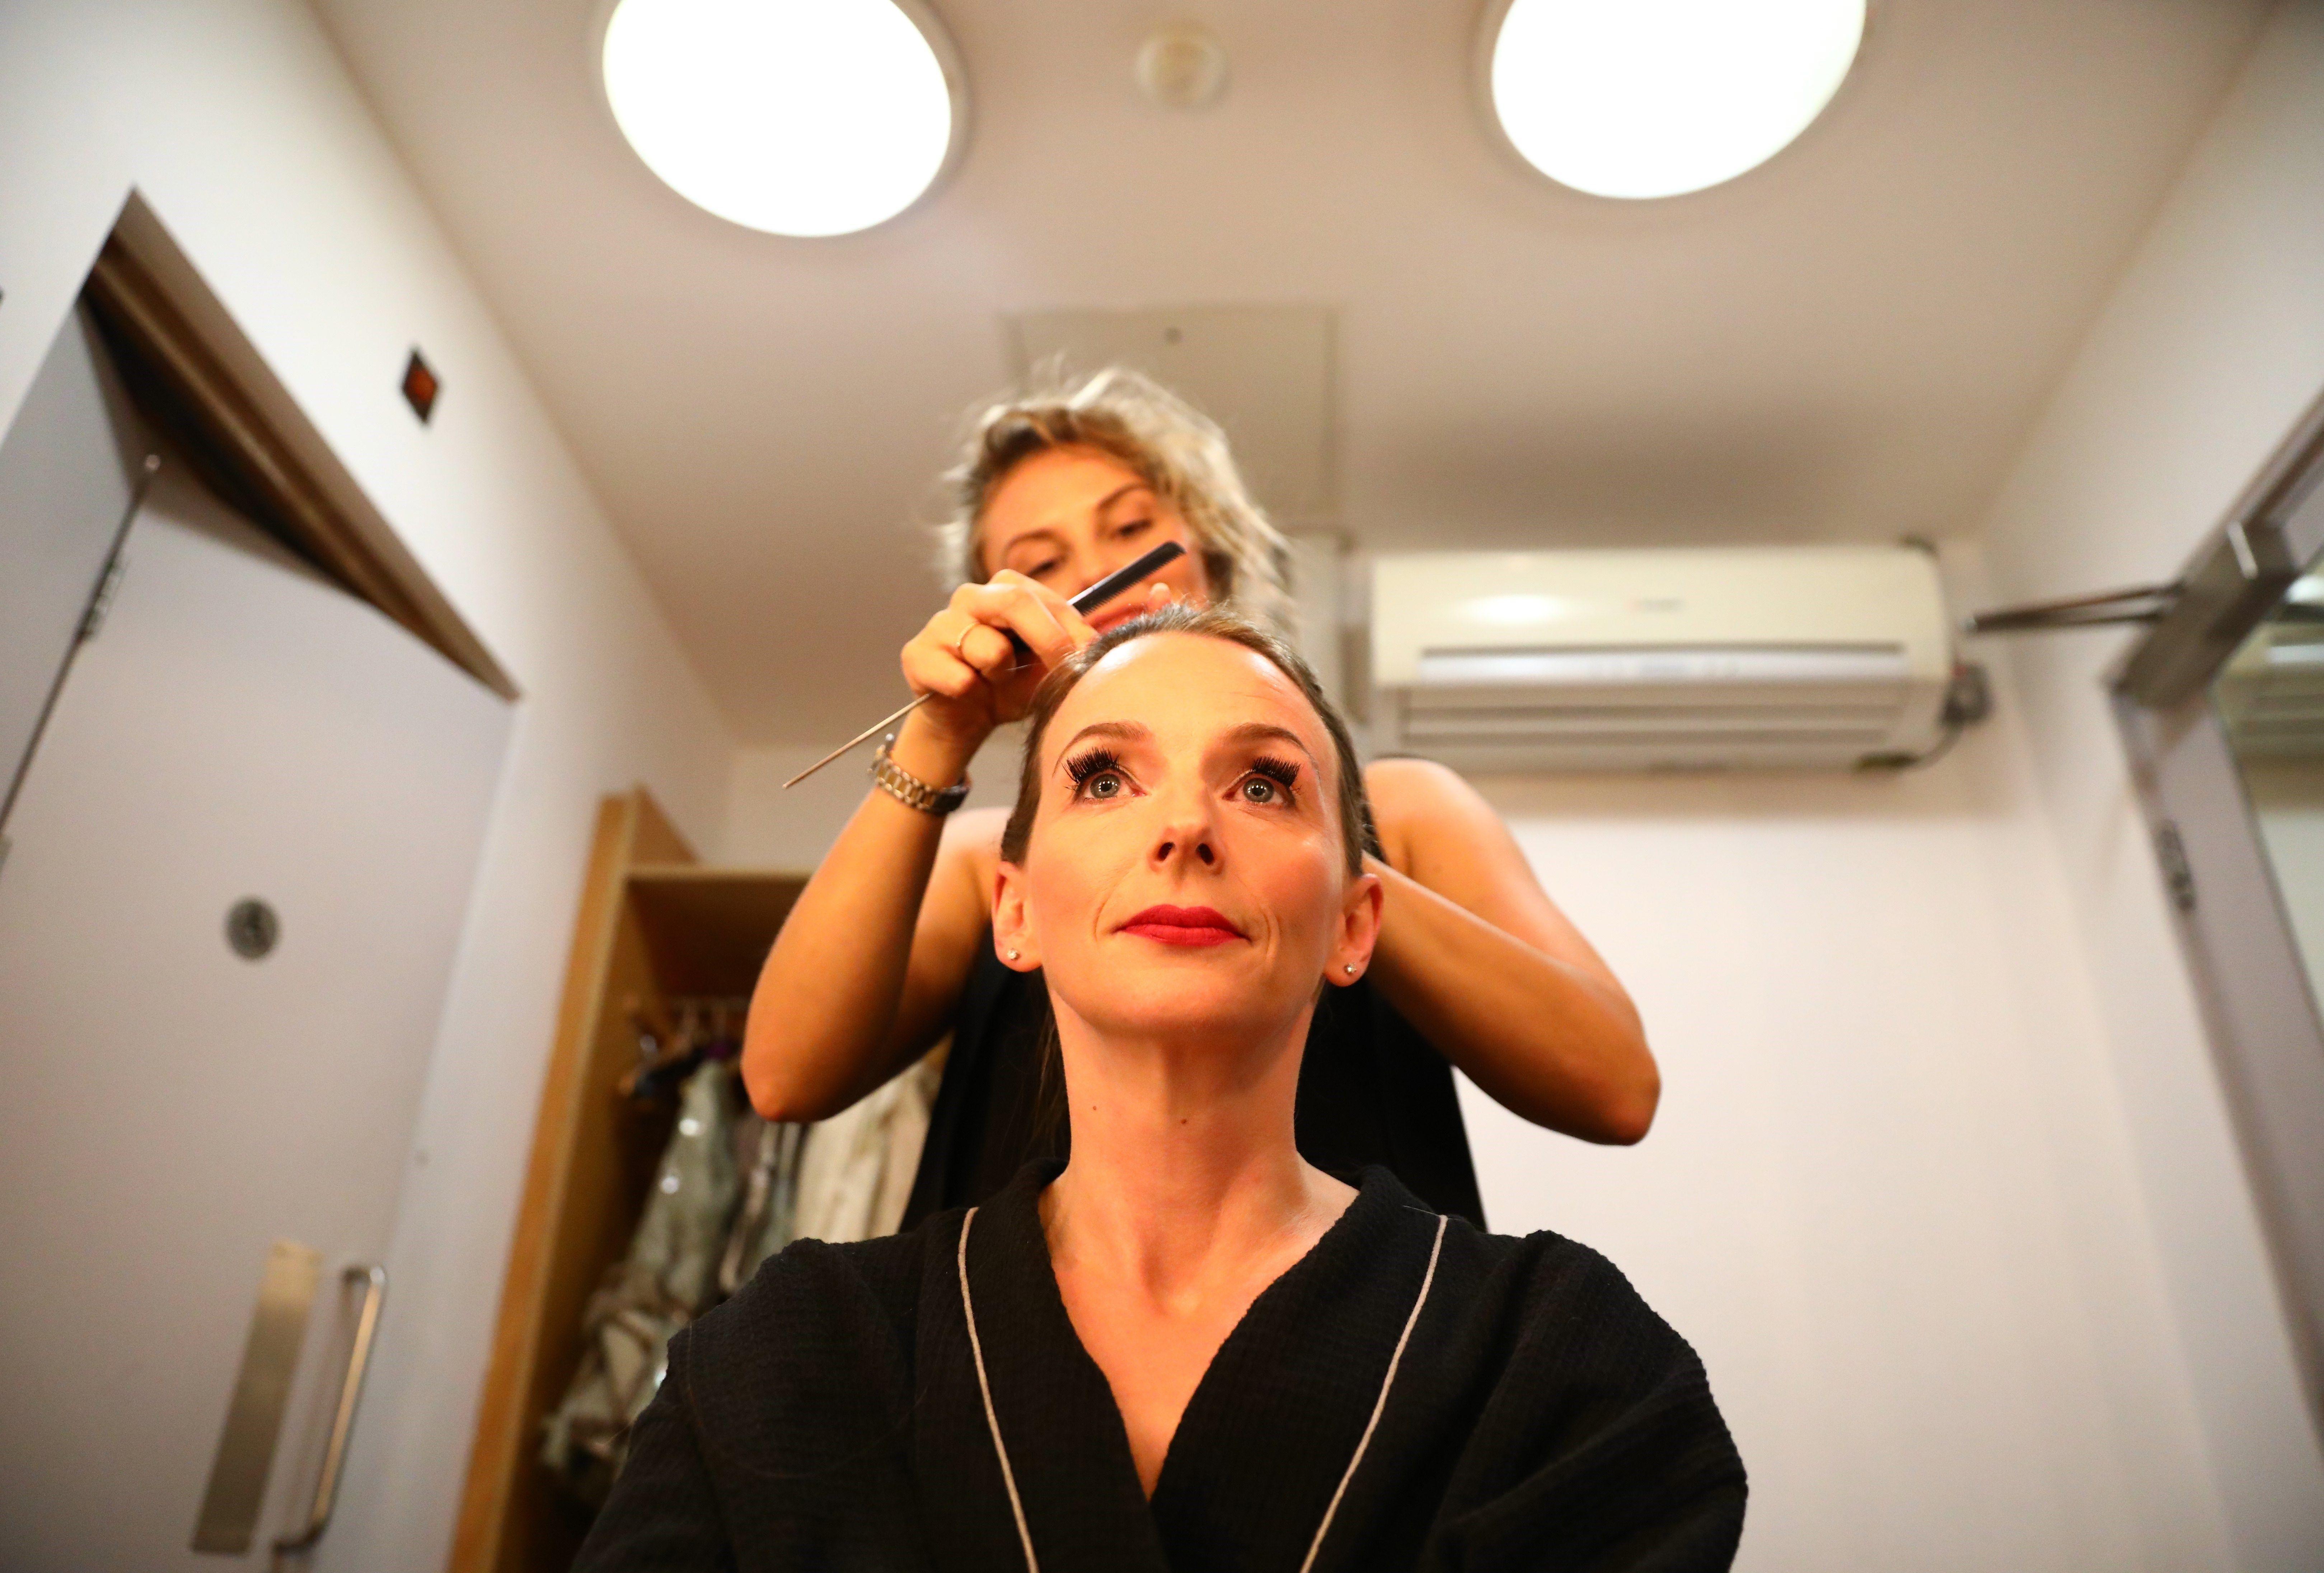 """L'actriu Sarah Tynan es prepara per actuar en l'obra """"El barber de Sevilla"""" al English National Opera de Londres (Regne Unit). /NEIL HALL"""